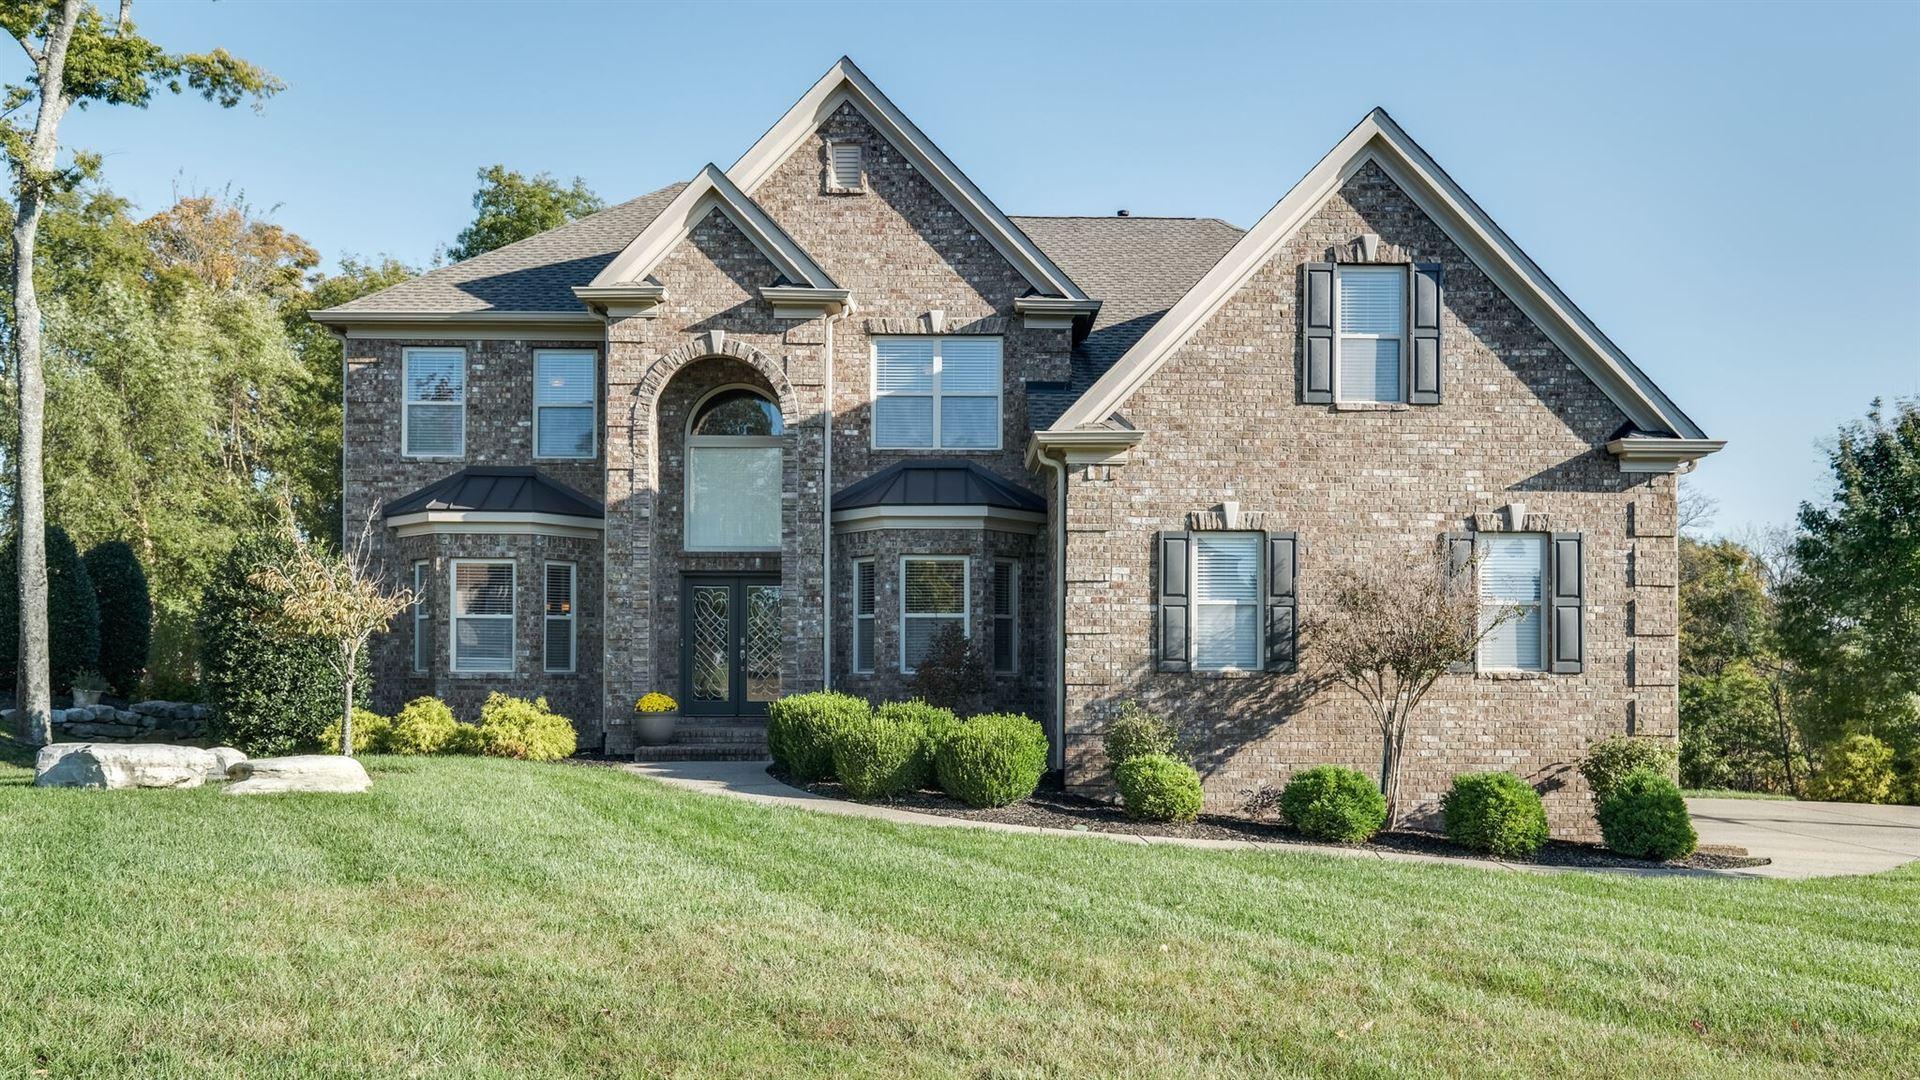 1804 Benziger Terrace, Brentwood, TN 37027 - MLS#: 2200038